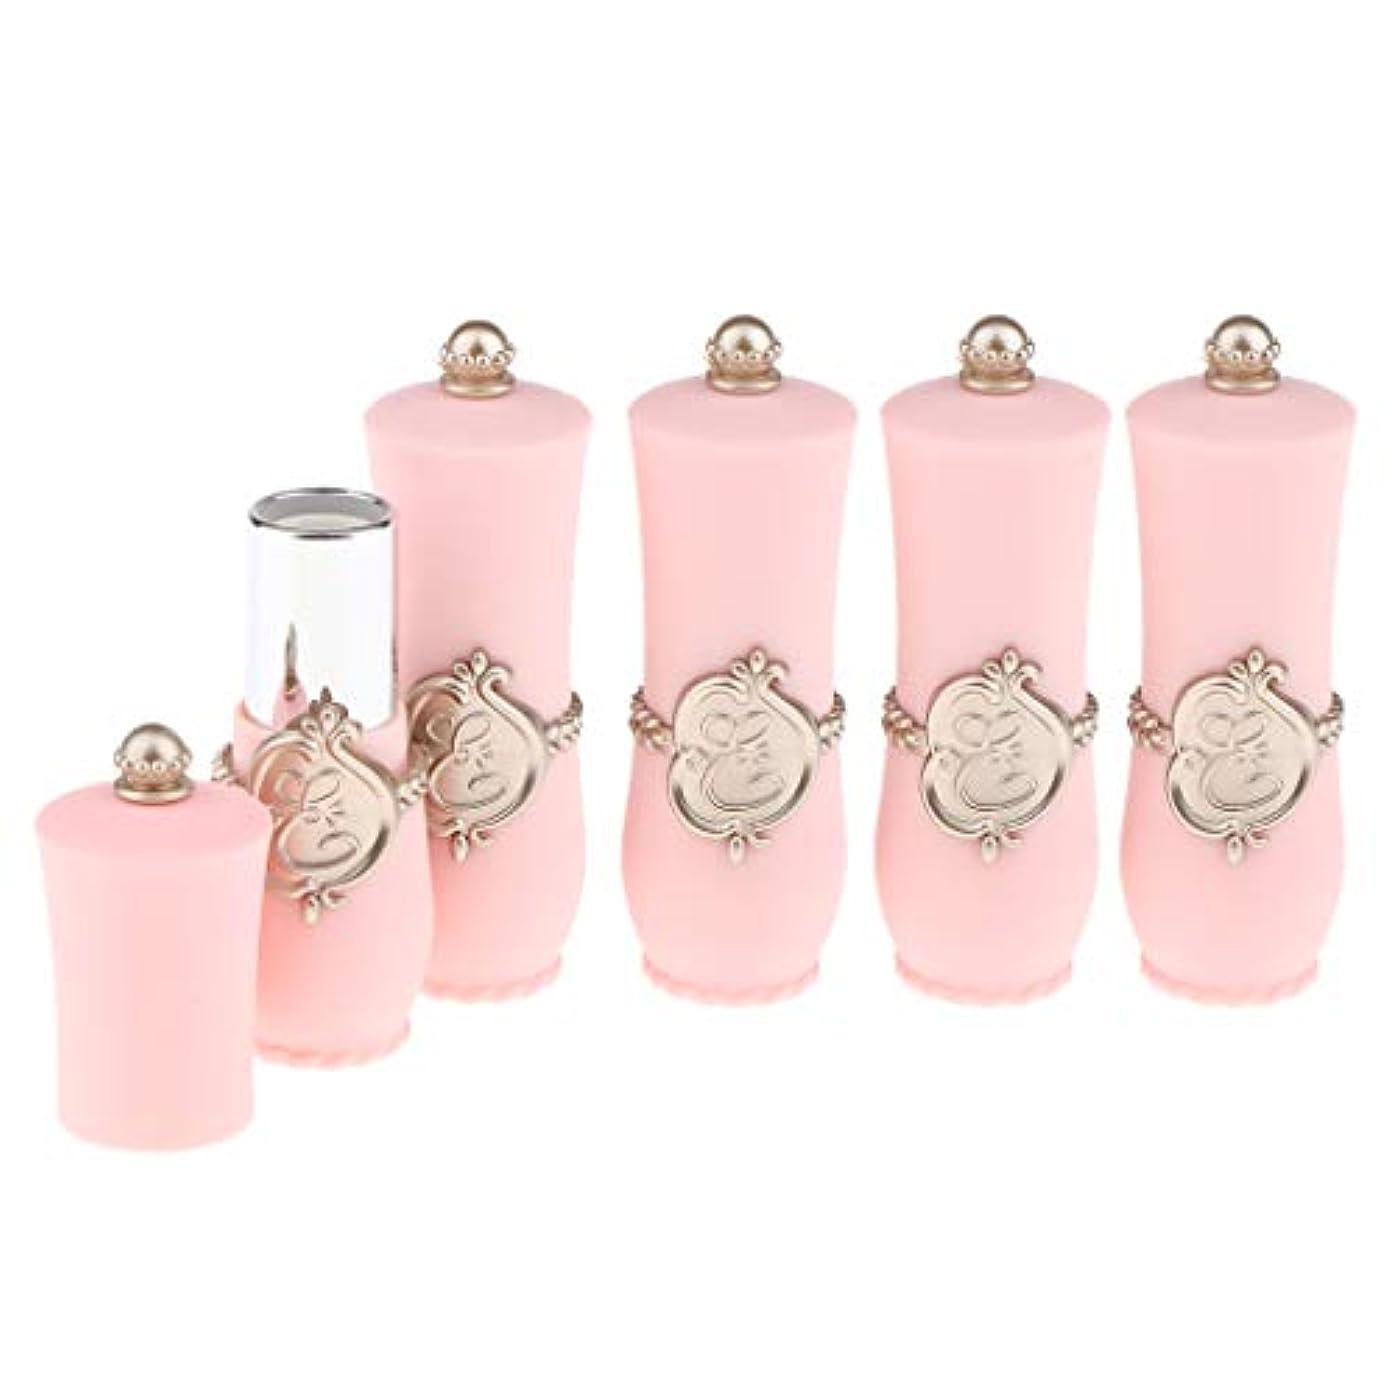 エキゾチック寄託子孫CUTICATE 口紅サンプル リップ クリーム チューブ 小分けボトル リップスティック 口紅 包装材料 全2色 - ピンク